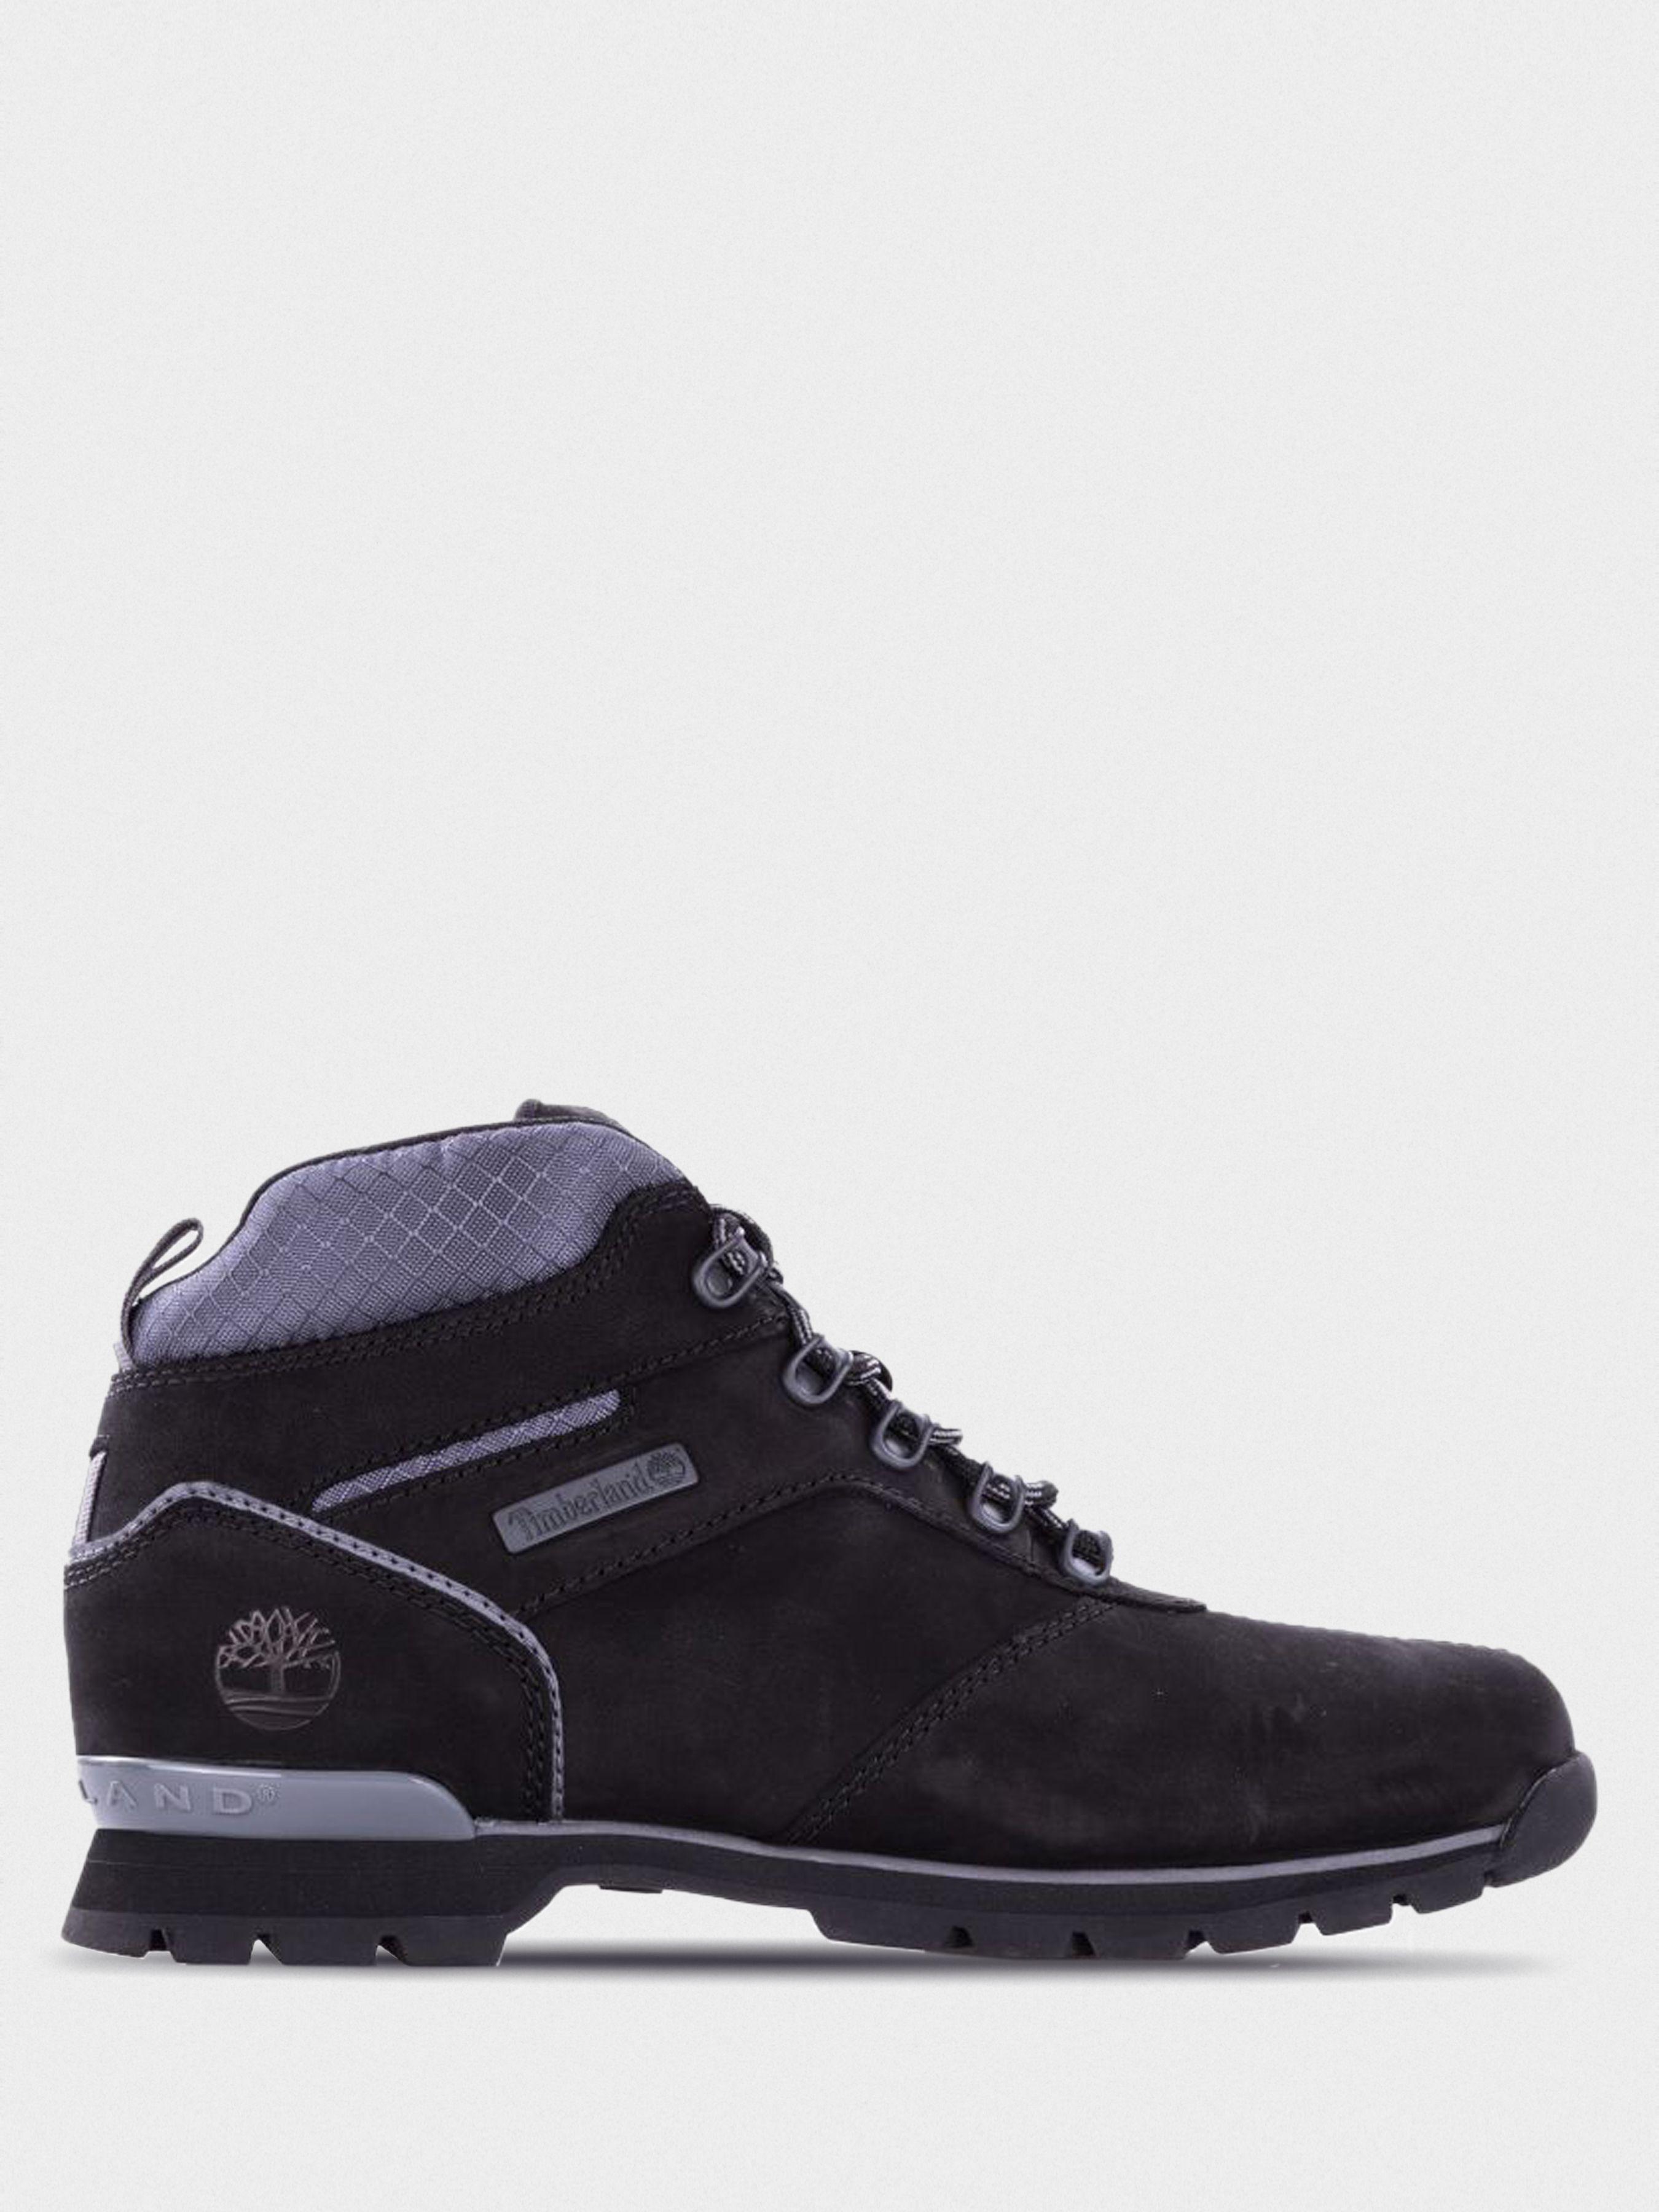 Купить Ботинки мужские Timberland Splitrock TF3779, Черный